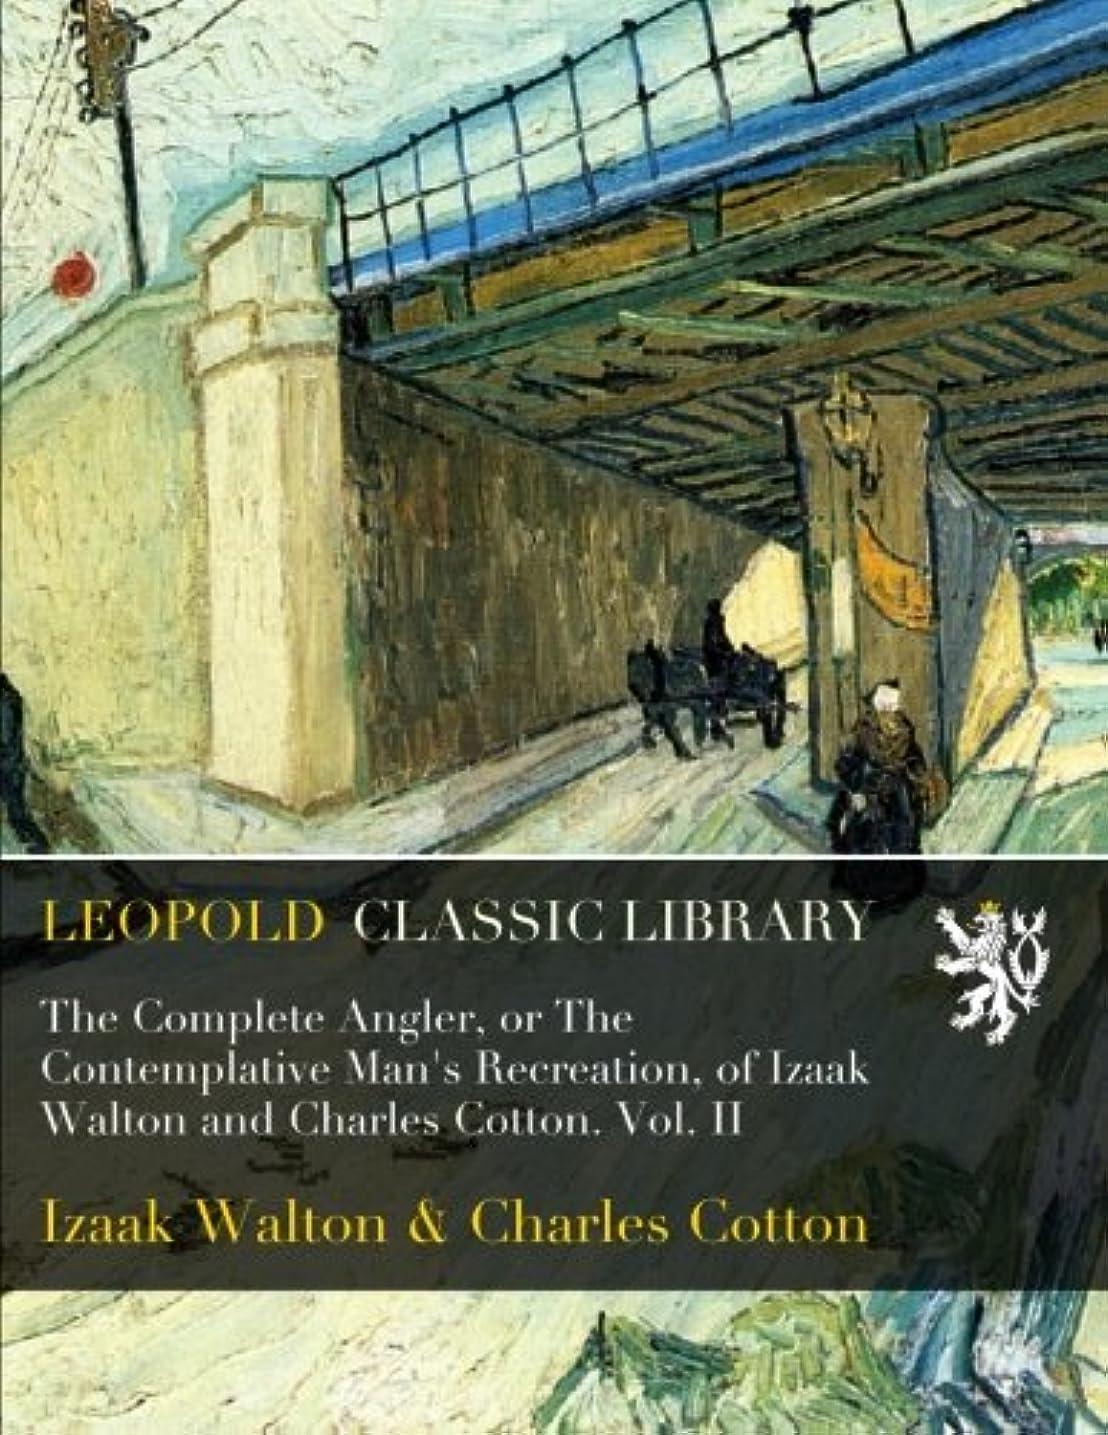 火傷イブニング家禽The Complete Angler, or The Contemplative Man's Recreation, of Izaak Walton and Charles Cotton. Vol. II